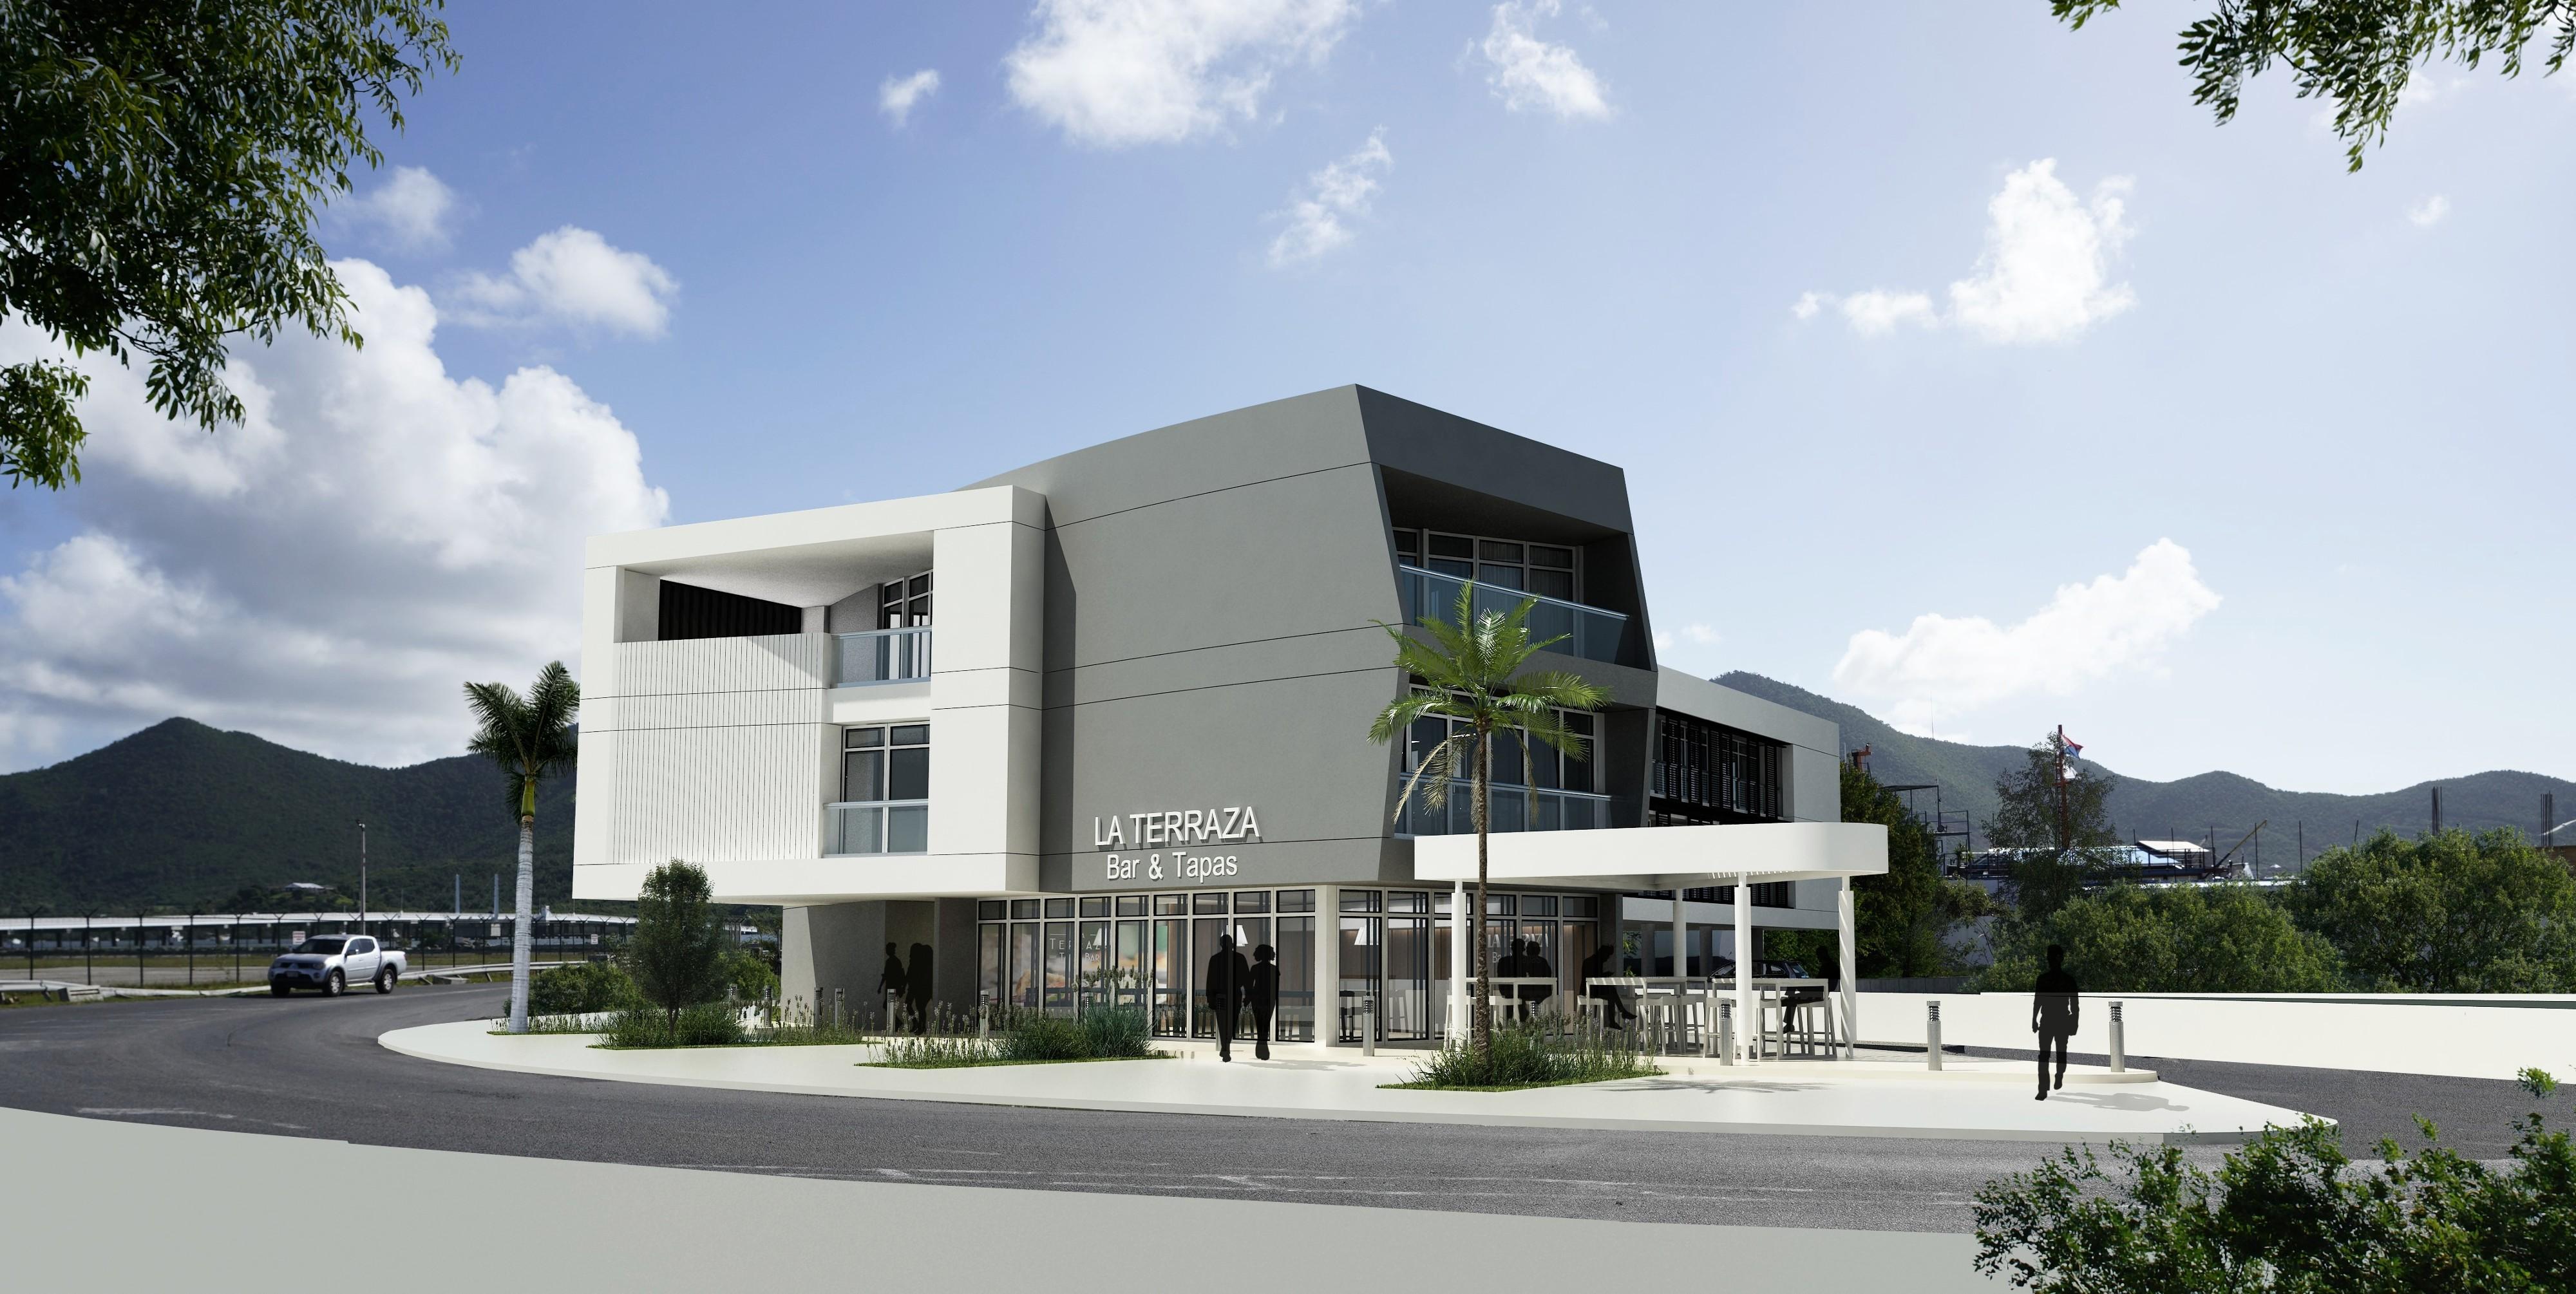 Simpson Bay Commercial & Residential Building - 965cf-2.1render.jpg